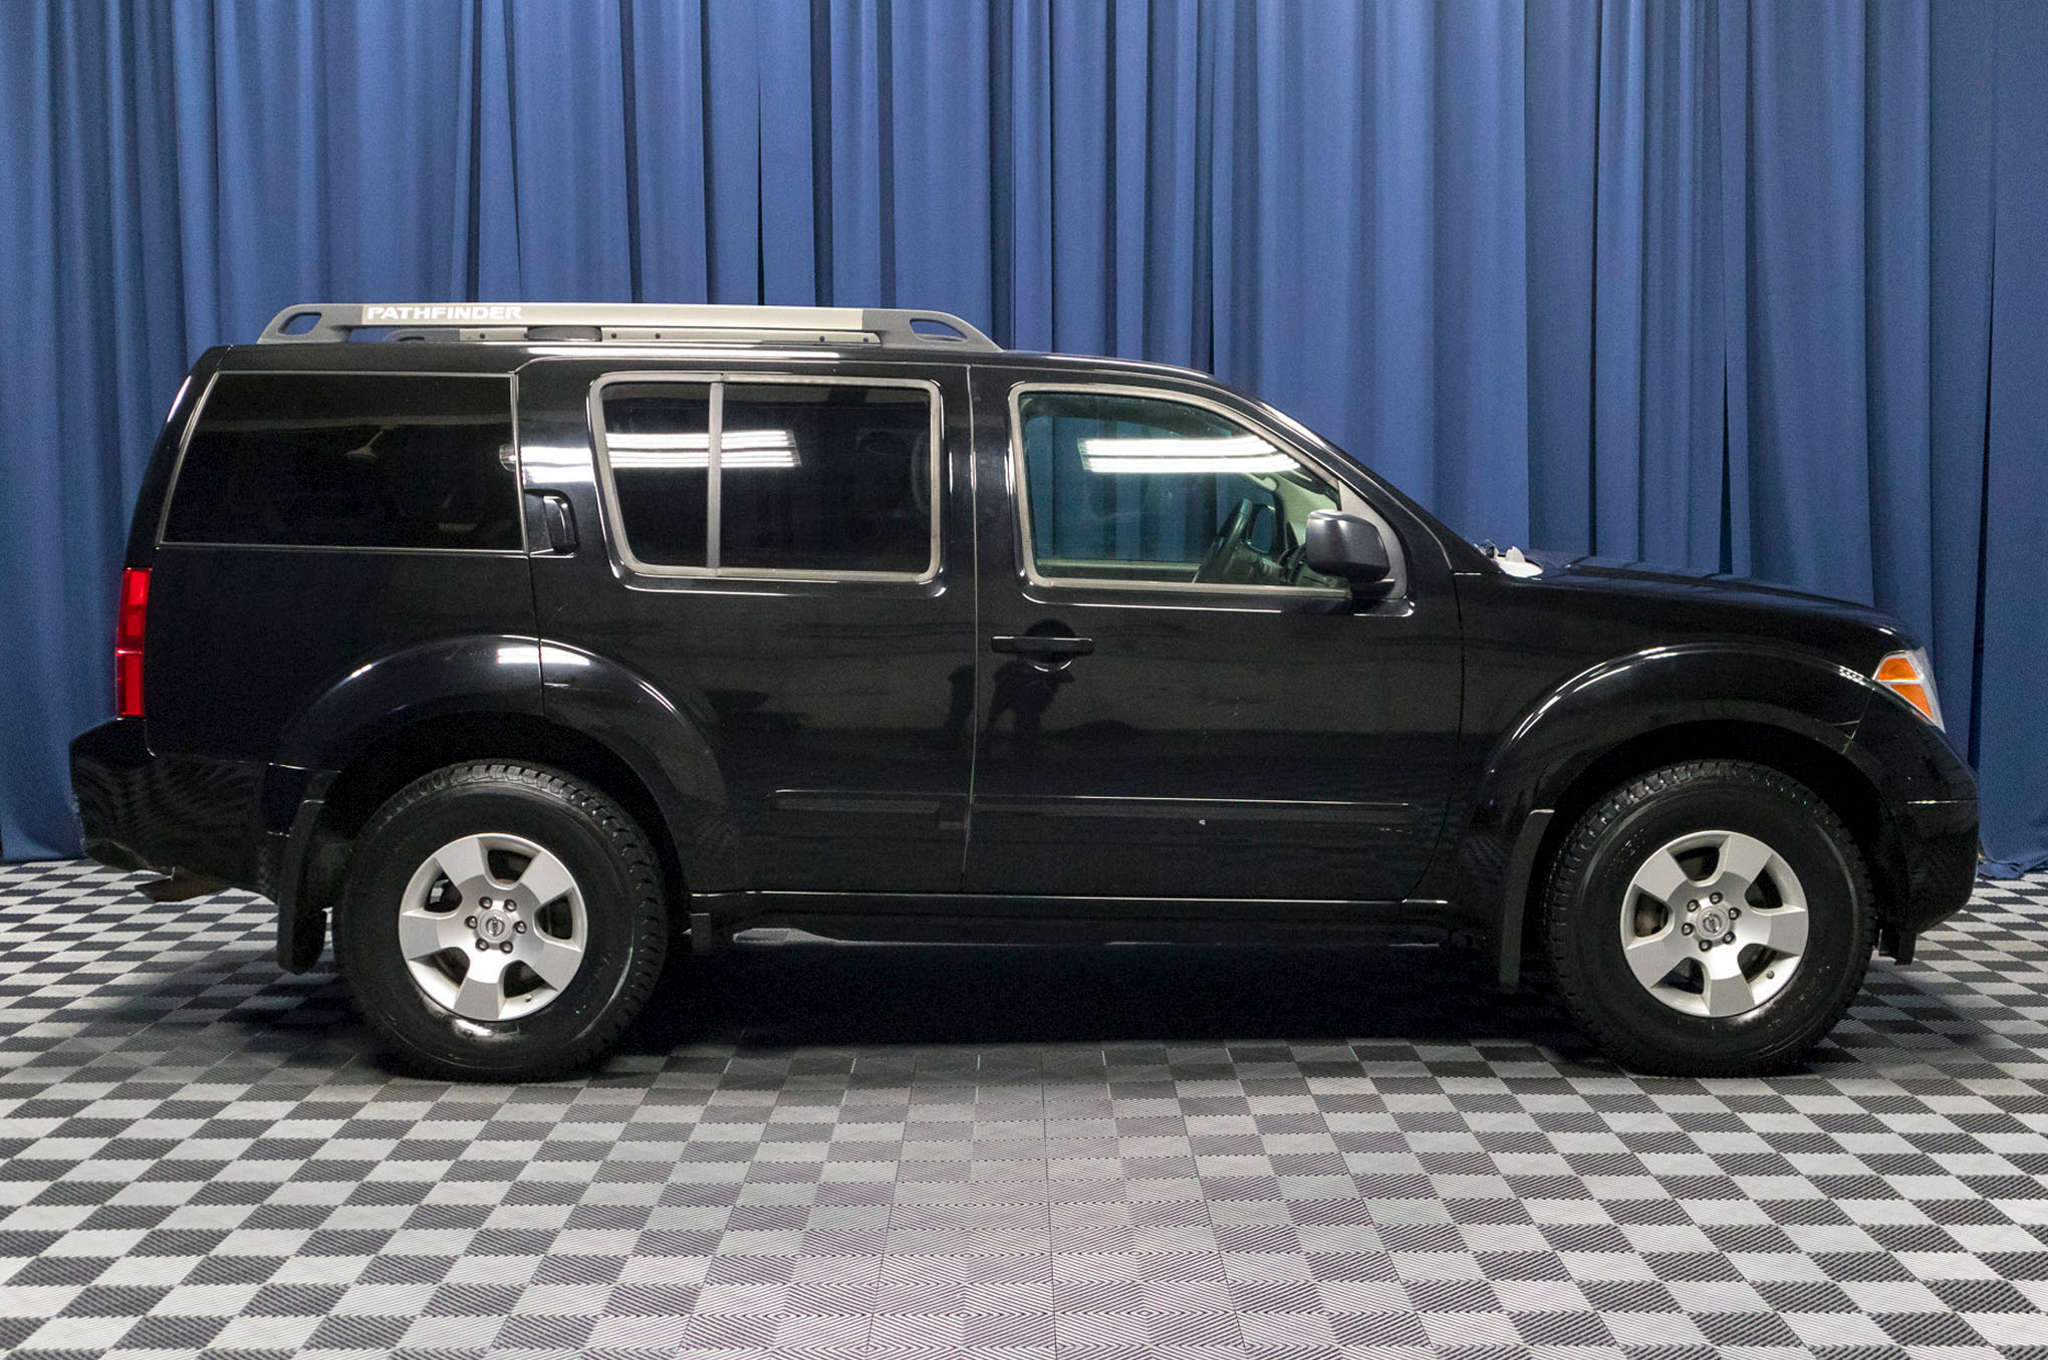 gurnee sale mchenry silver pathfinder auto htm kenosha nissan suv used washington se